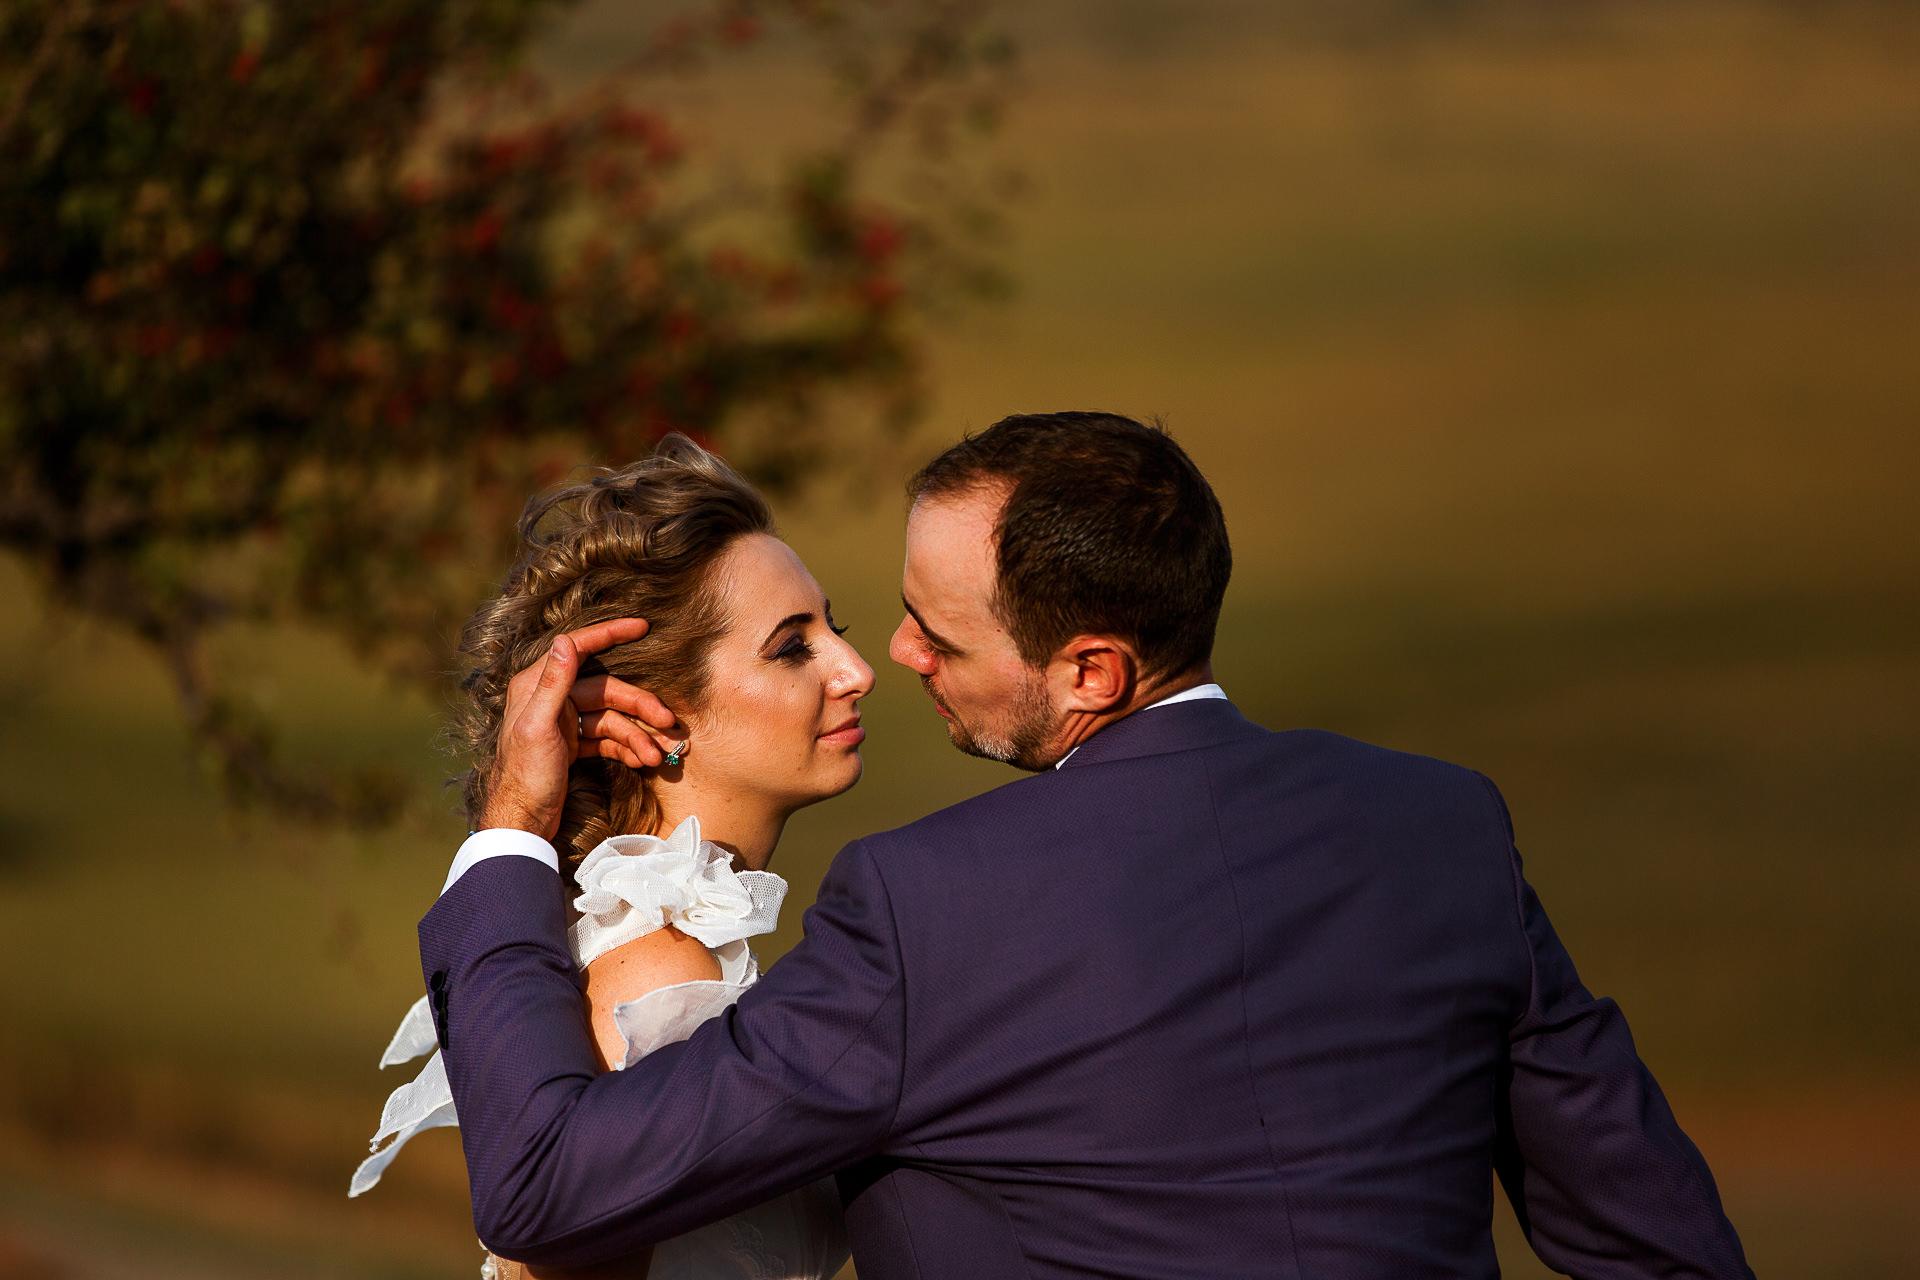 Şedinţă foto Trash The Dress - după nuntă la Cetatea Enisala, Tulcea - România - cu Mihaela şi Octavian - Mihai Zaharia Photography - 12